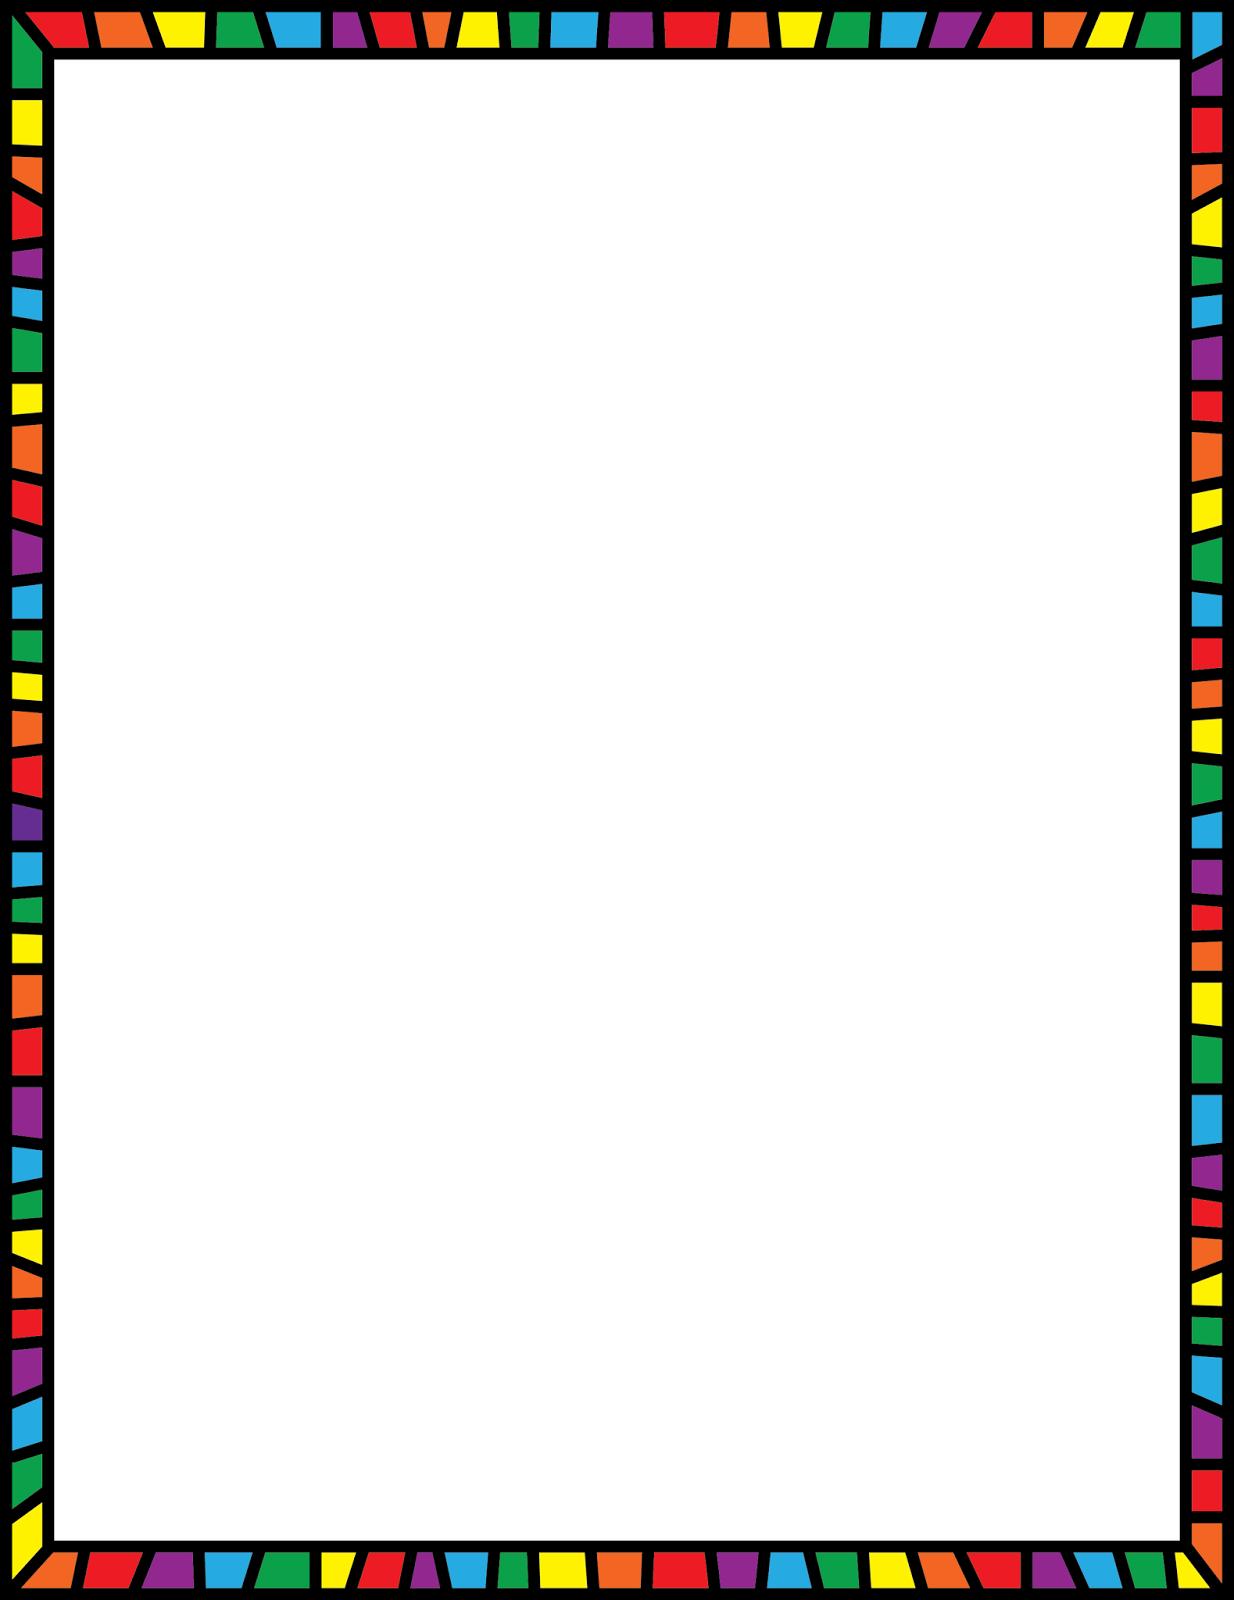 free clip art frames for teachers - photo #47